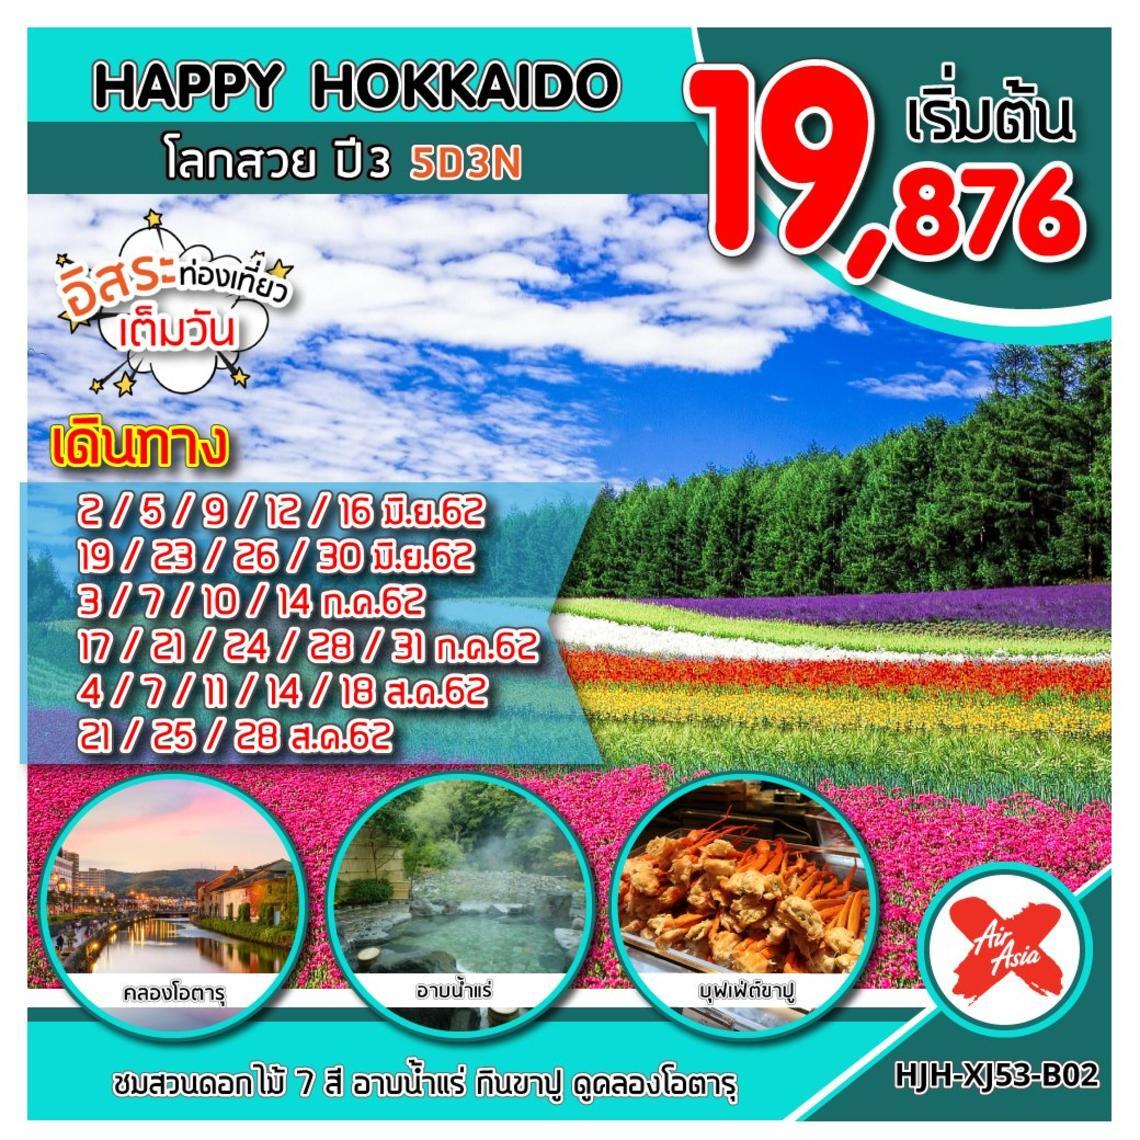 ทัวร์ญี่ปุ่น ทัวร์ฮอกไกโด HJH-XJ53-B02 HAPPY HOKKAIDO โลกสวย ปี 3 UPDATE 12/4/62